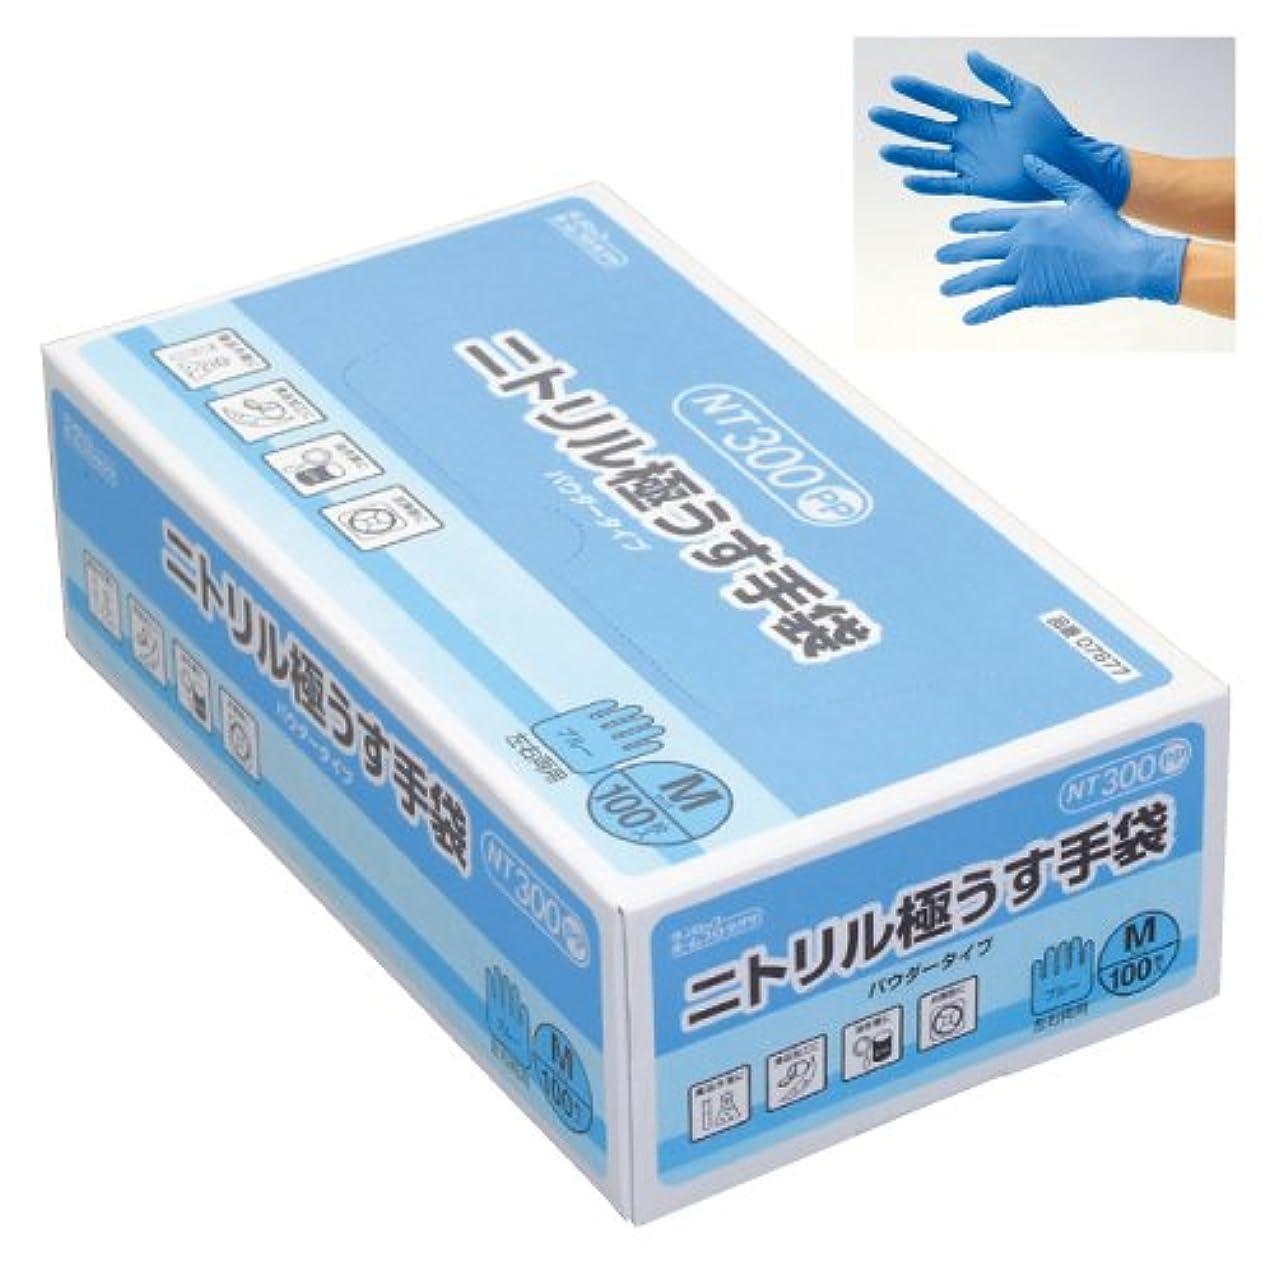 型ダーリンスチュワードニトリル極うす手袋 NT300 (23-6073-00)